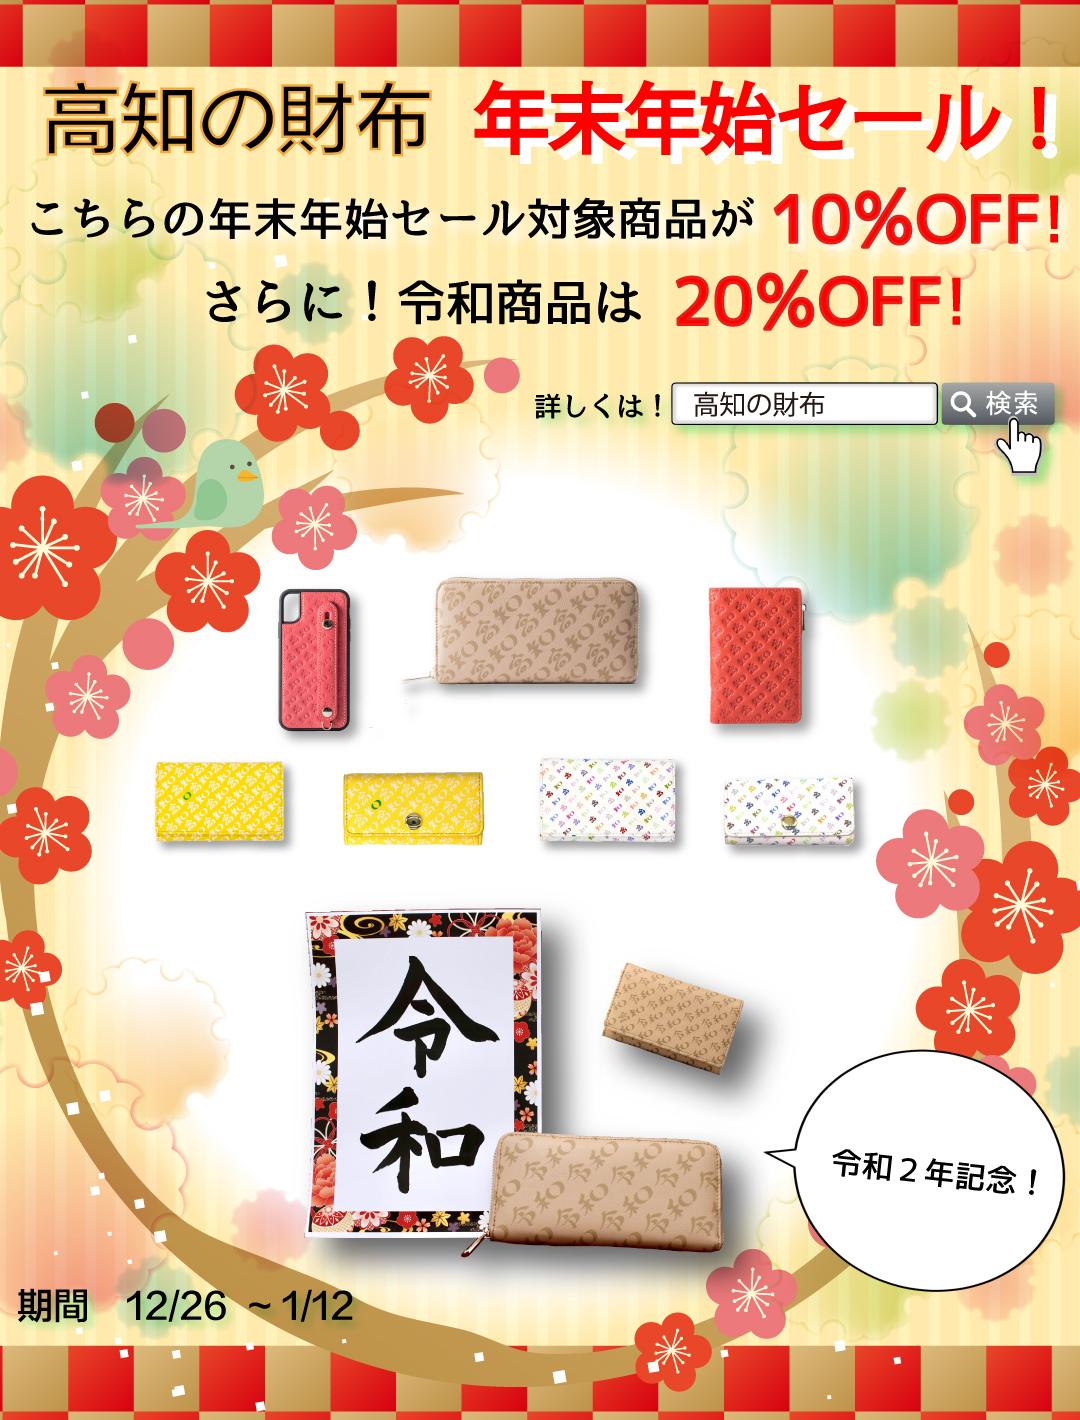 🎍🌄【高知の財布】年末年始セール❗️対象商品は10%OFF、令和商品は20%OFF⁉️🎁